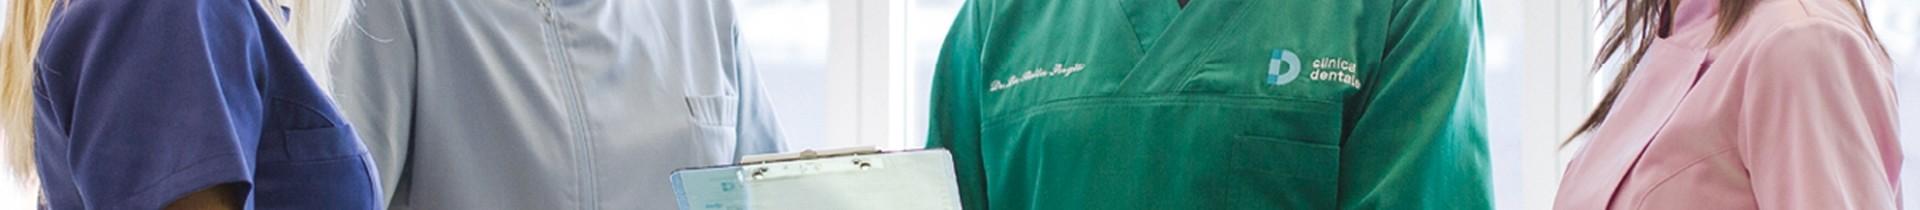 2a740438fda Zdravotnická pracovní obuv a boty pro zdravotní sestry a zdravotníky ...